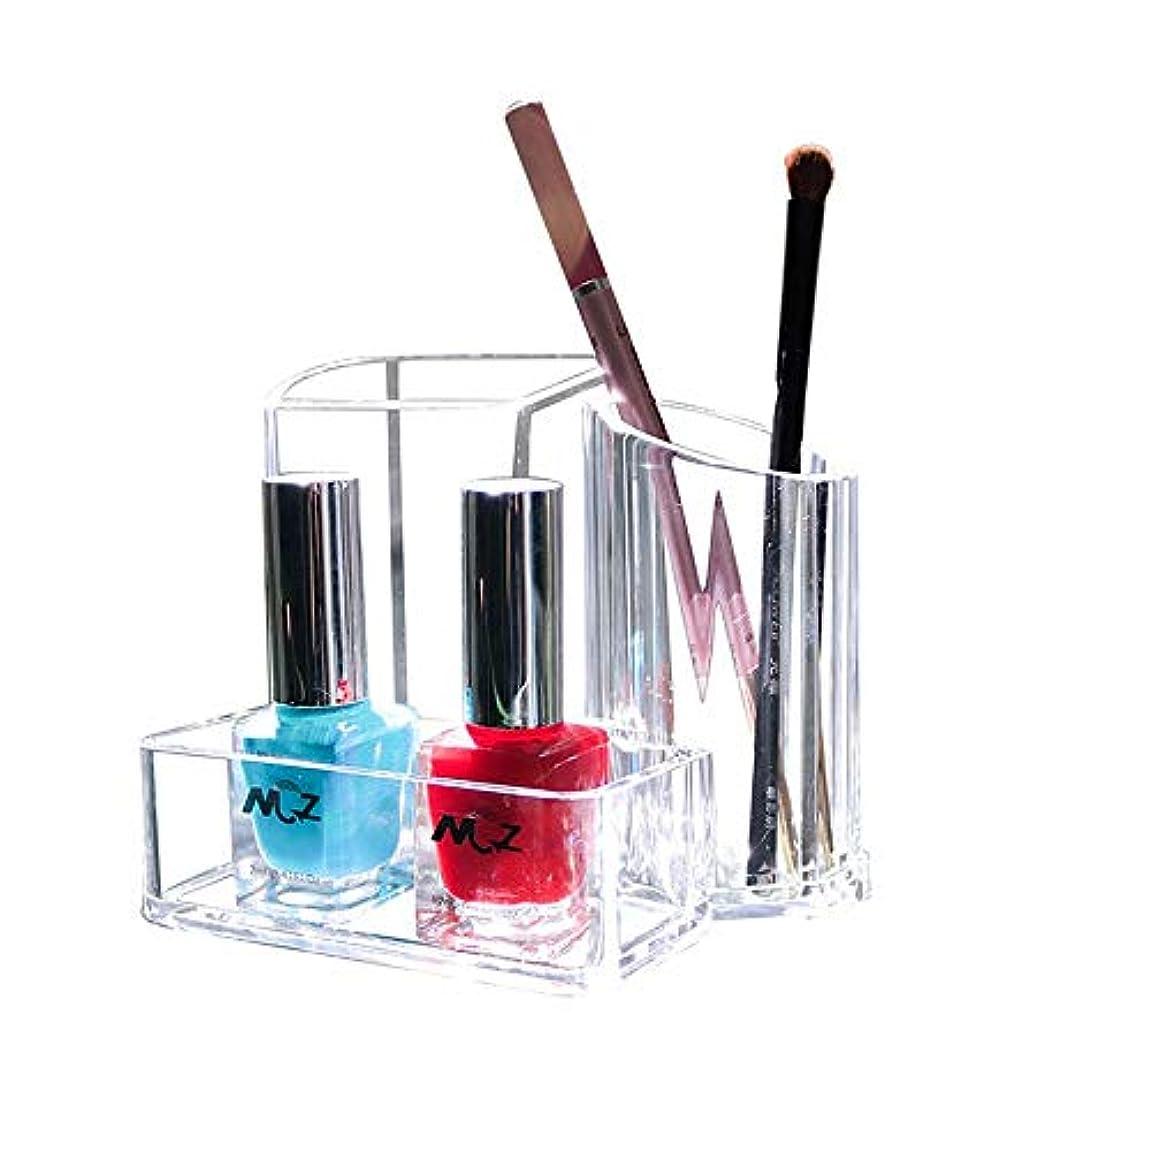 評判適格ポンド整理簡単 シンプルクリアアクリル口紅&ブラシホルダー収納ディスプレイスタンド化粧スタンドラックホルダーオーガナイザー化粧ケース (Color : Clear, Size : 13.2*9.5*10.8CM)